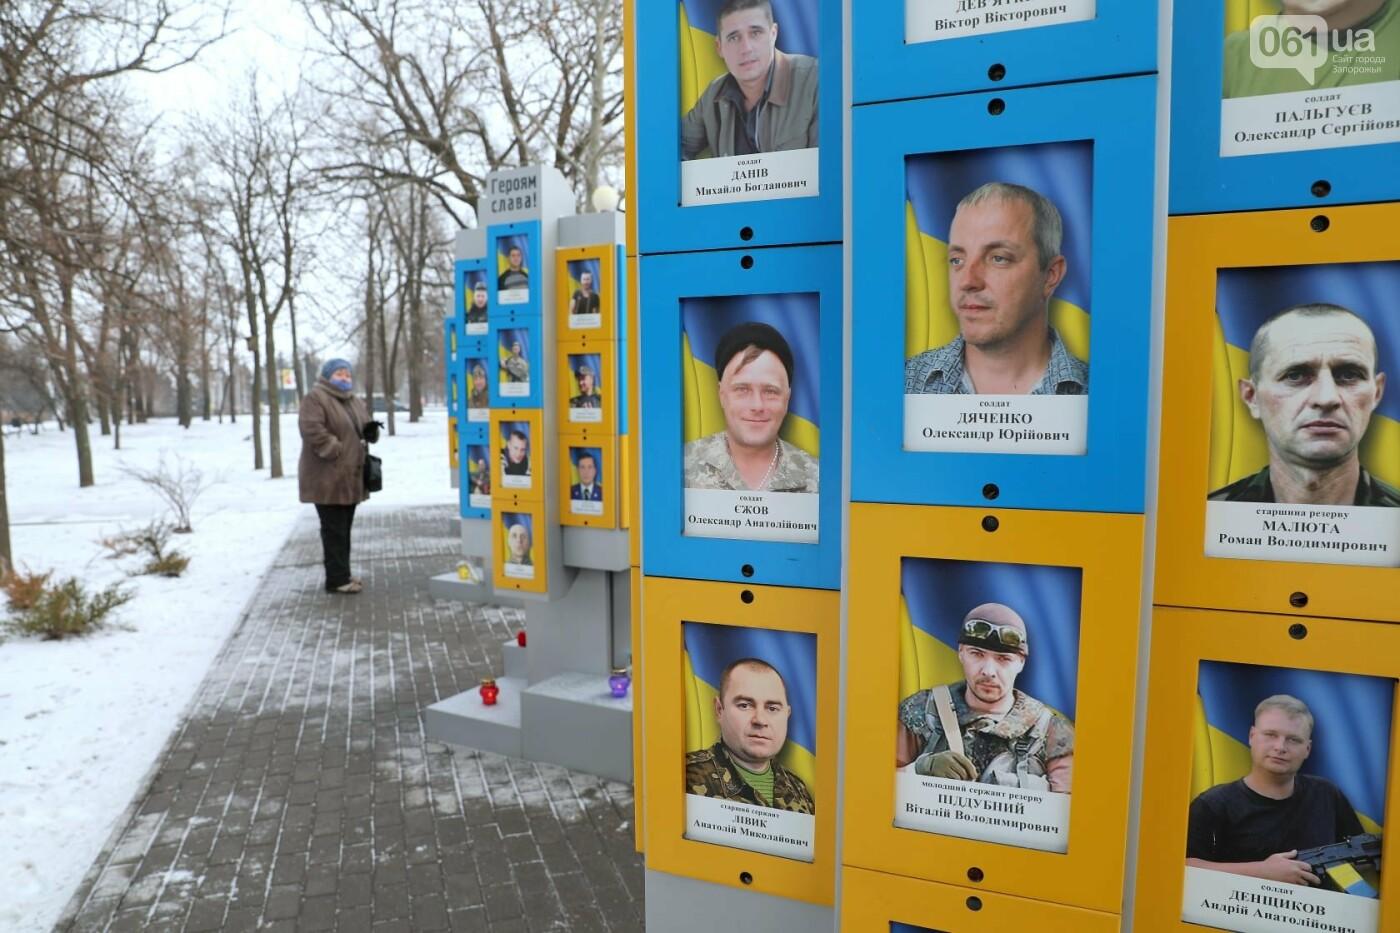 В Запорожье почтили память погибших в боях под Дебальцево, - ФОТО , фото-10